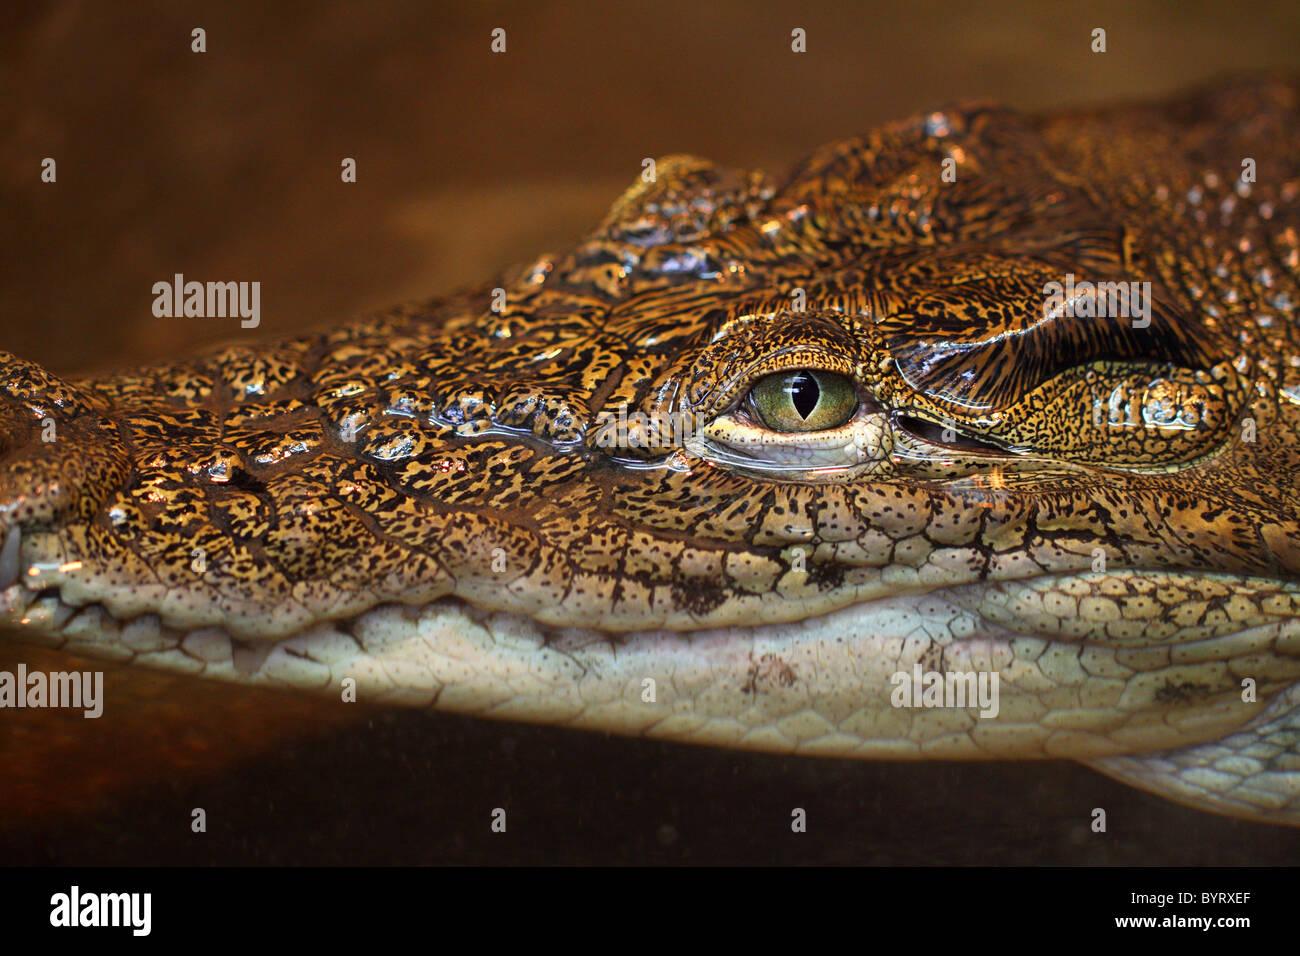 Peligro de reptiles peligrosos cocodrilos Crocodylus niloticus Imagen De Stock